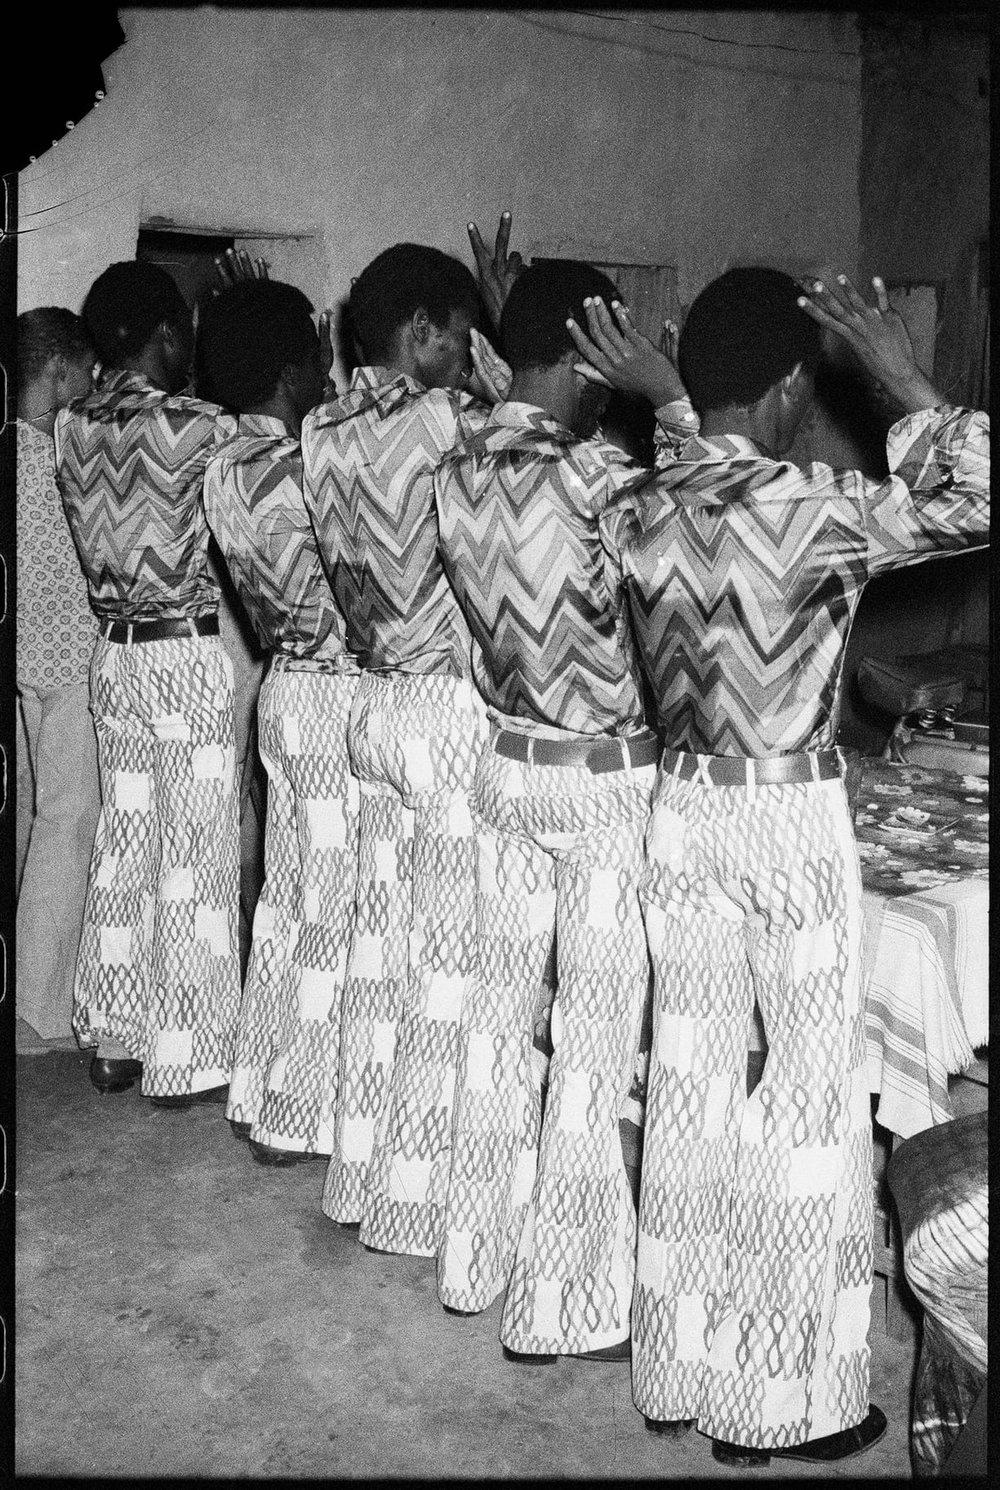 Les Amis dans la Même Tenue, 1972 © Malick Sidibé/The Pigozzi Collection/CAAC